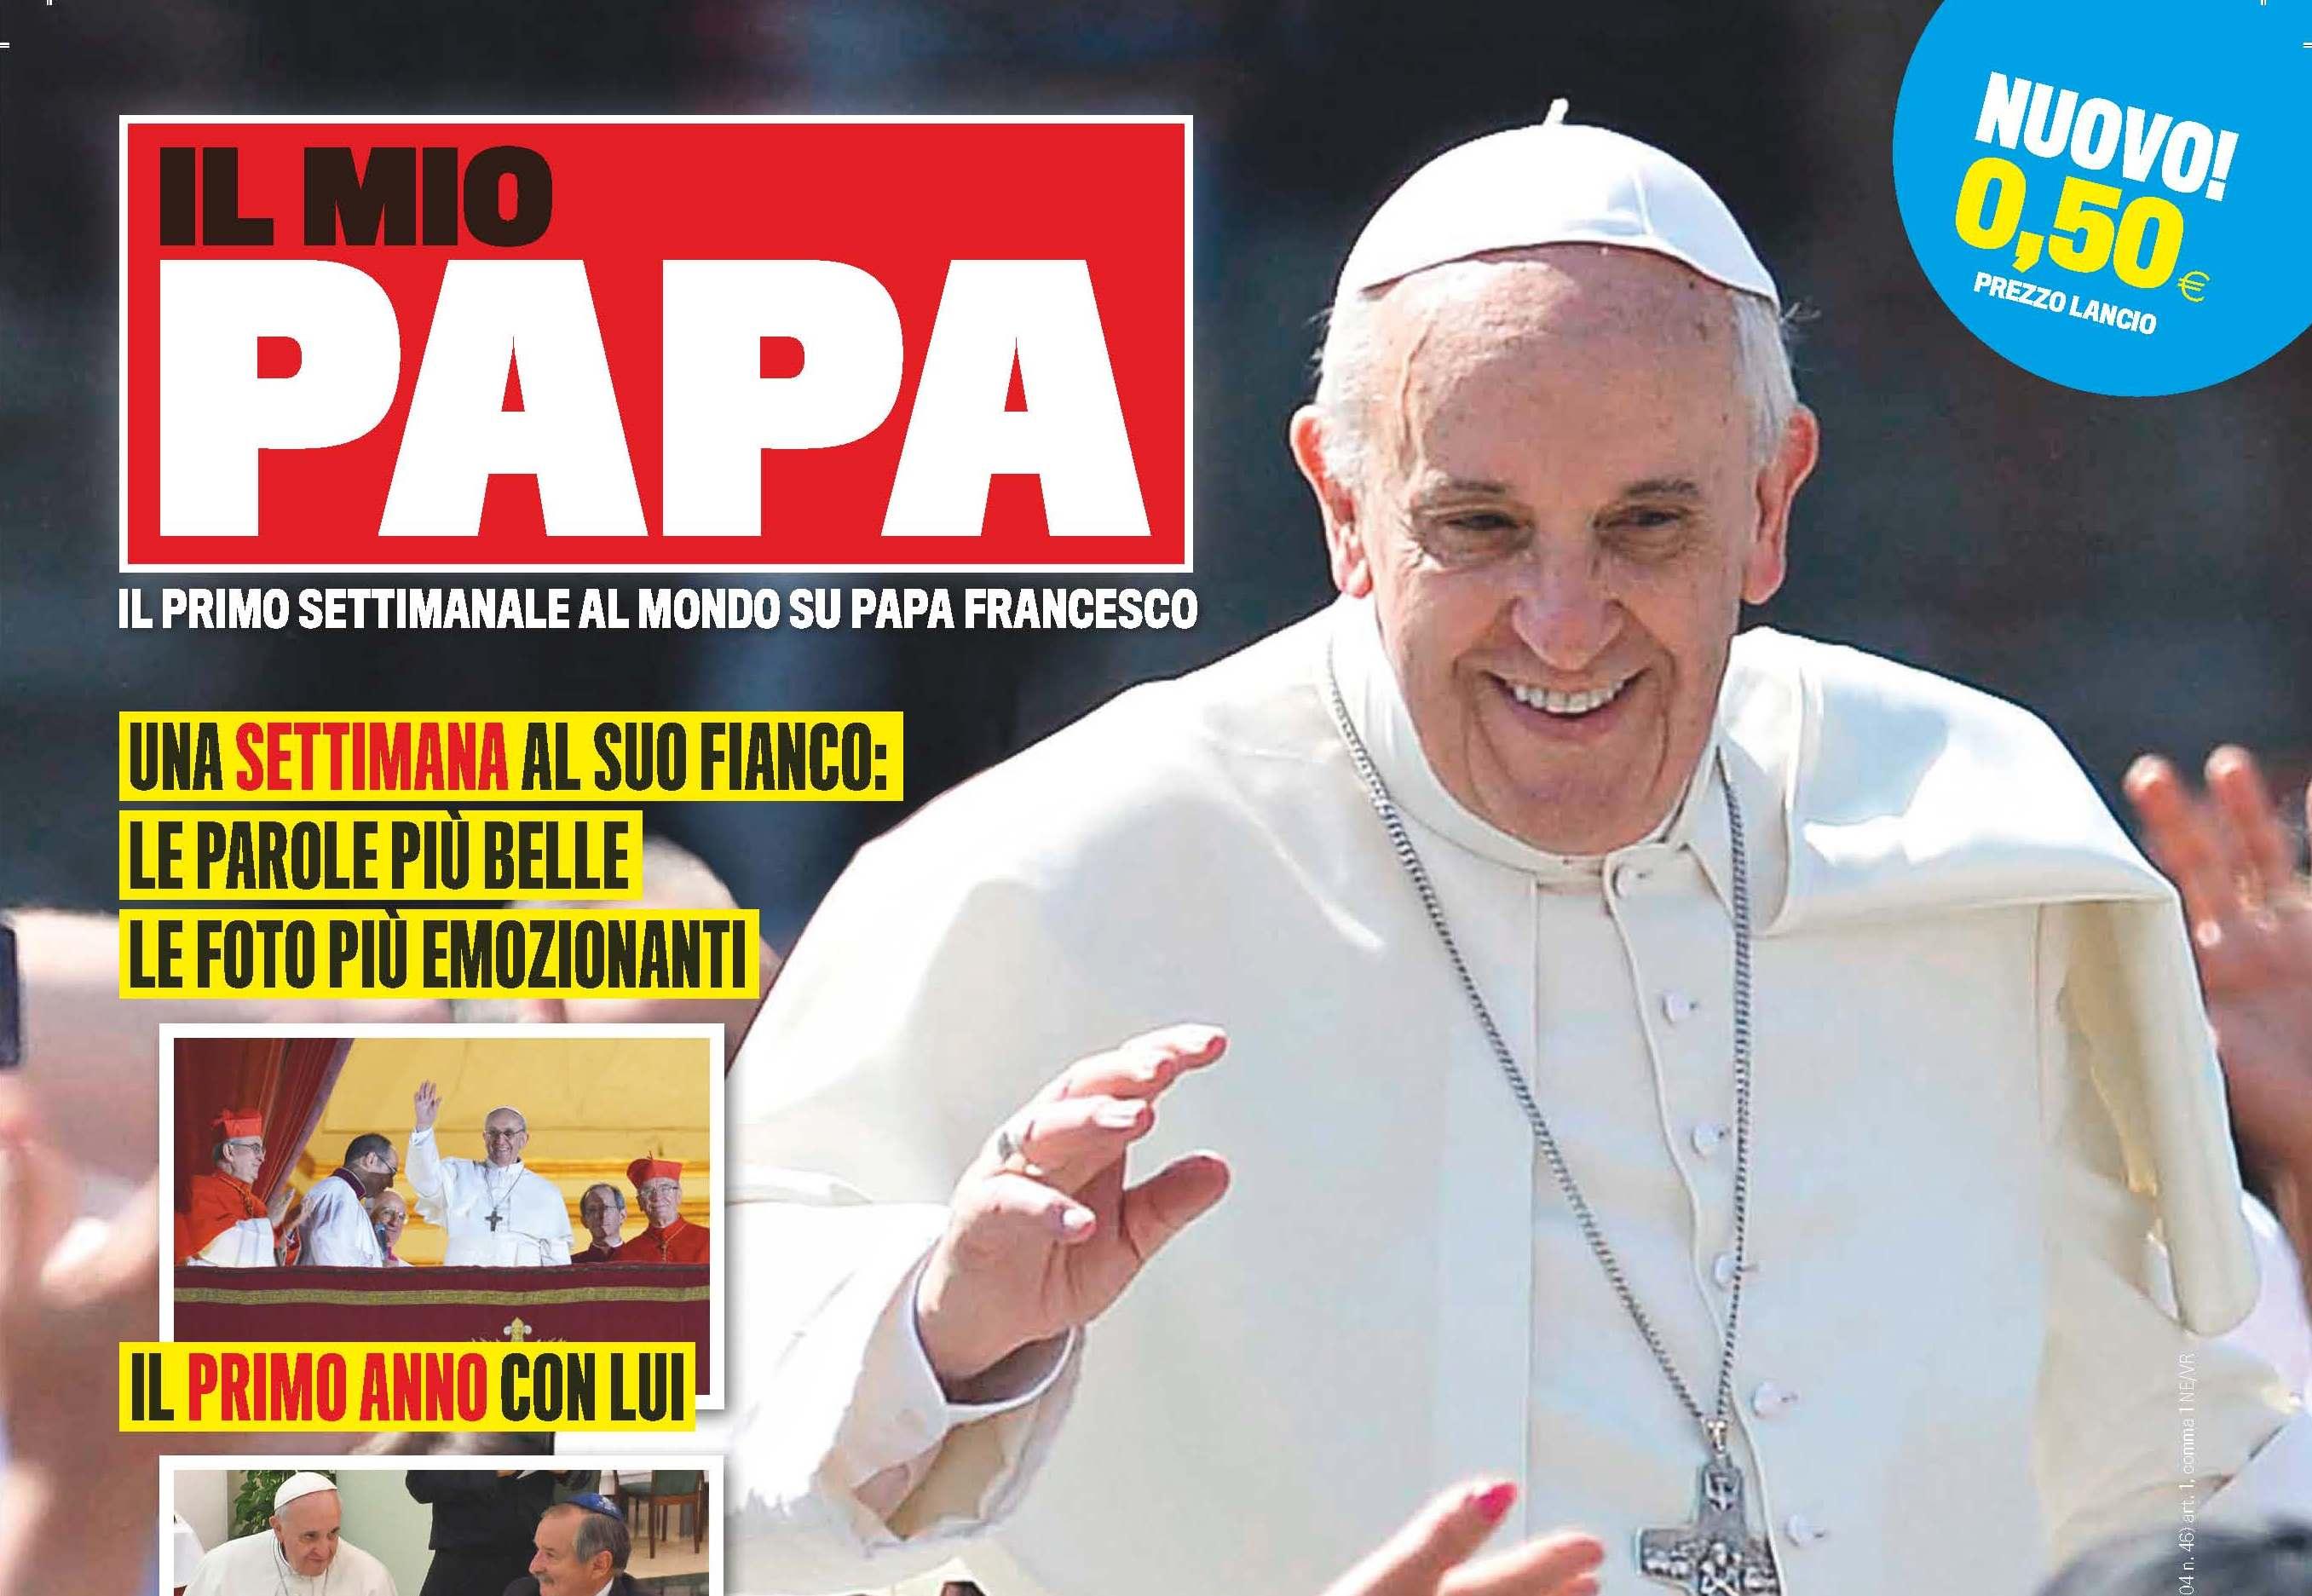 Francesco, un papa tutto sorrisi e canzoni?